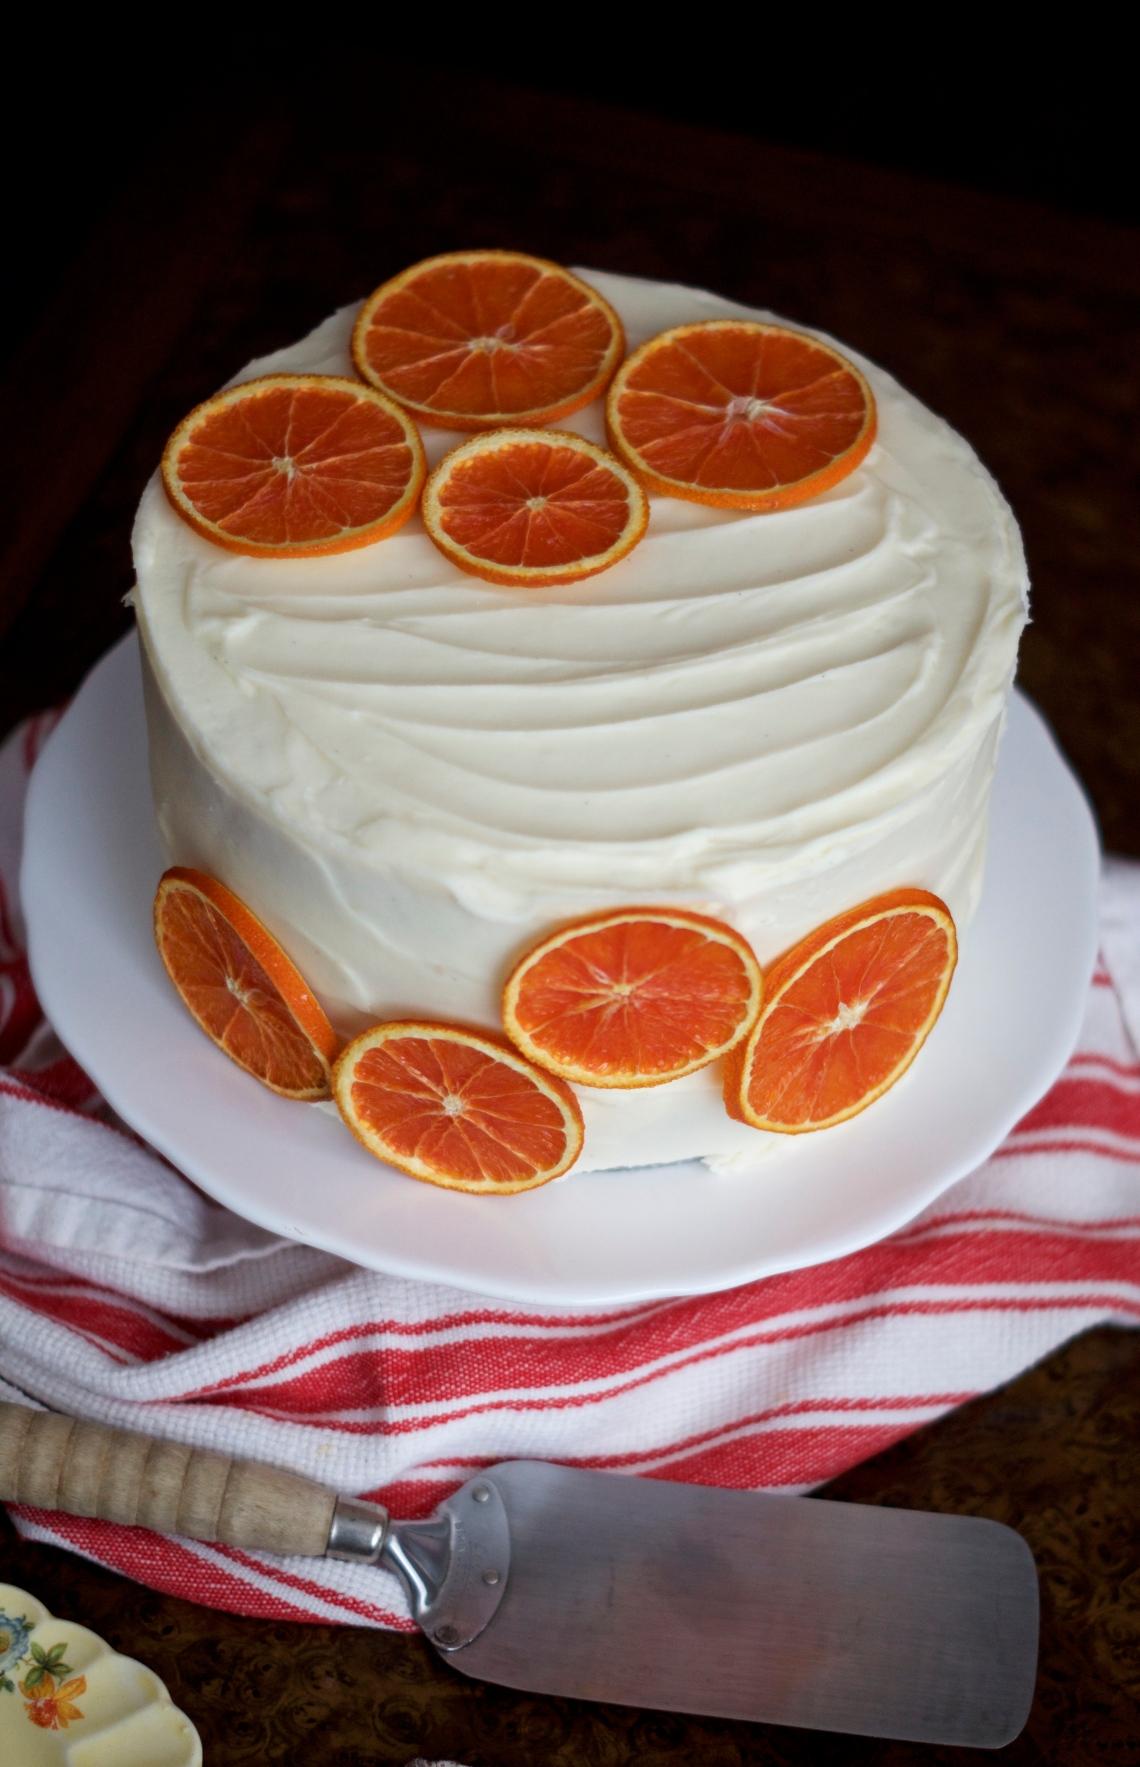 Midwest Orange Cake Recipe